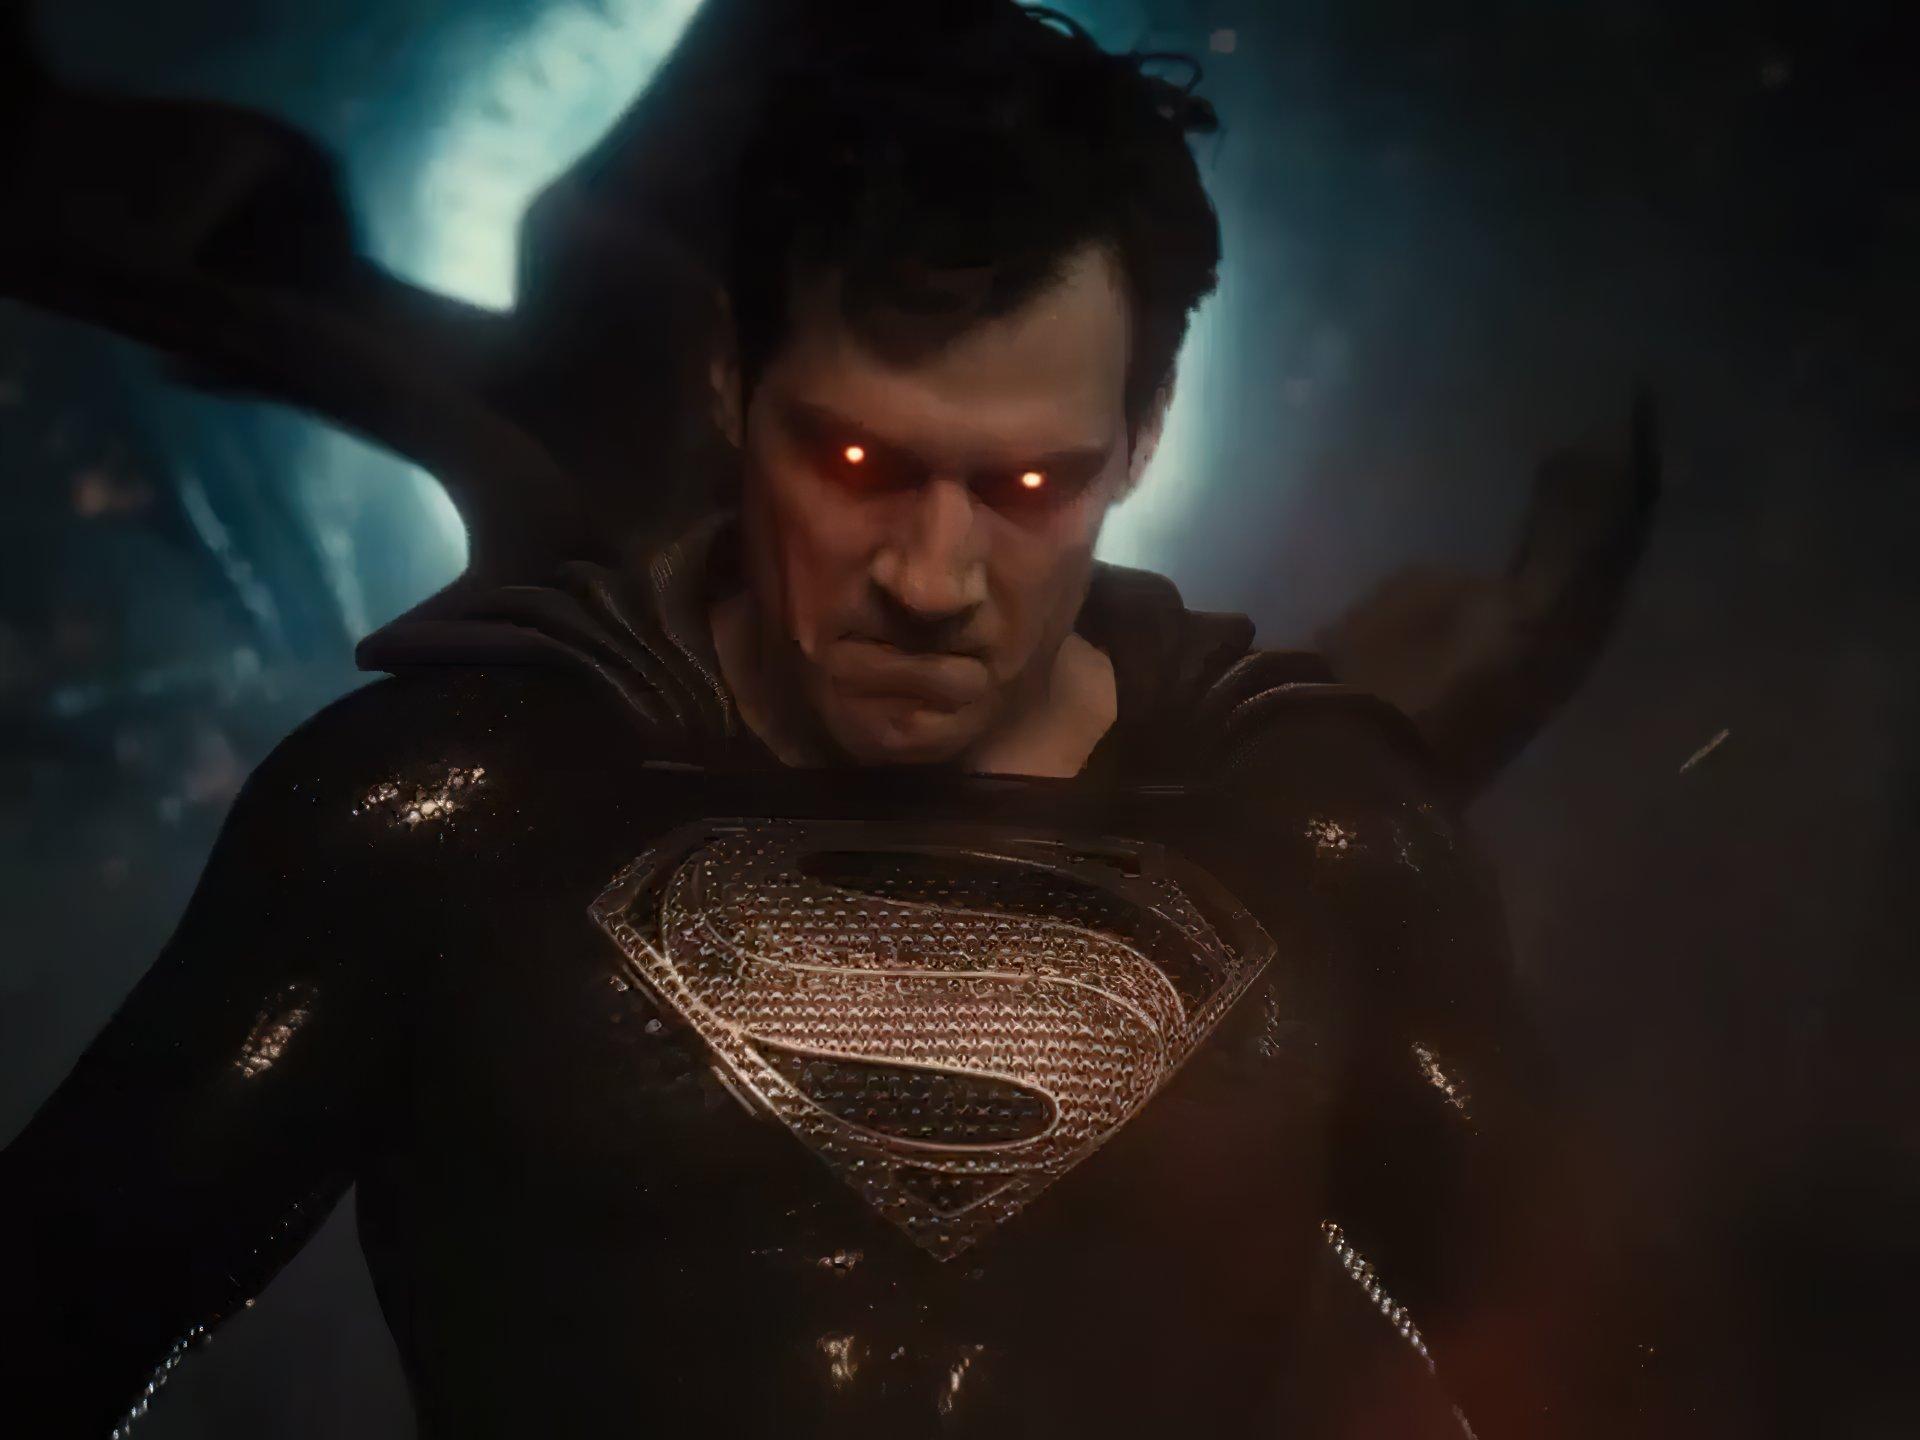 """Superman (Henry Cavill) encara furiosamente a câmera, com seus olhos brilhando avermelhados, momentos antes de sua visão de calor atingir o alvo. Ele usa uma versão inteiramente preta de seu uniforme clássico, salvo pelo """"S"""" prateado, brilhando no peito e adornado por pequenos entalhes."""